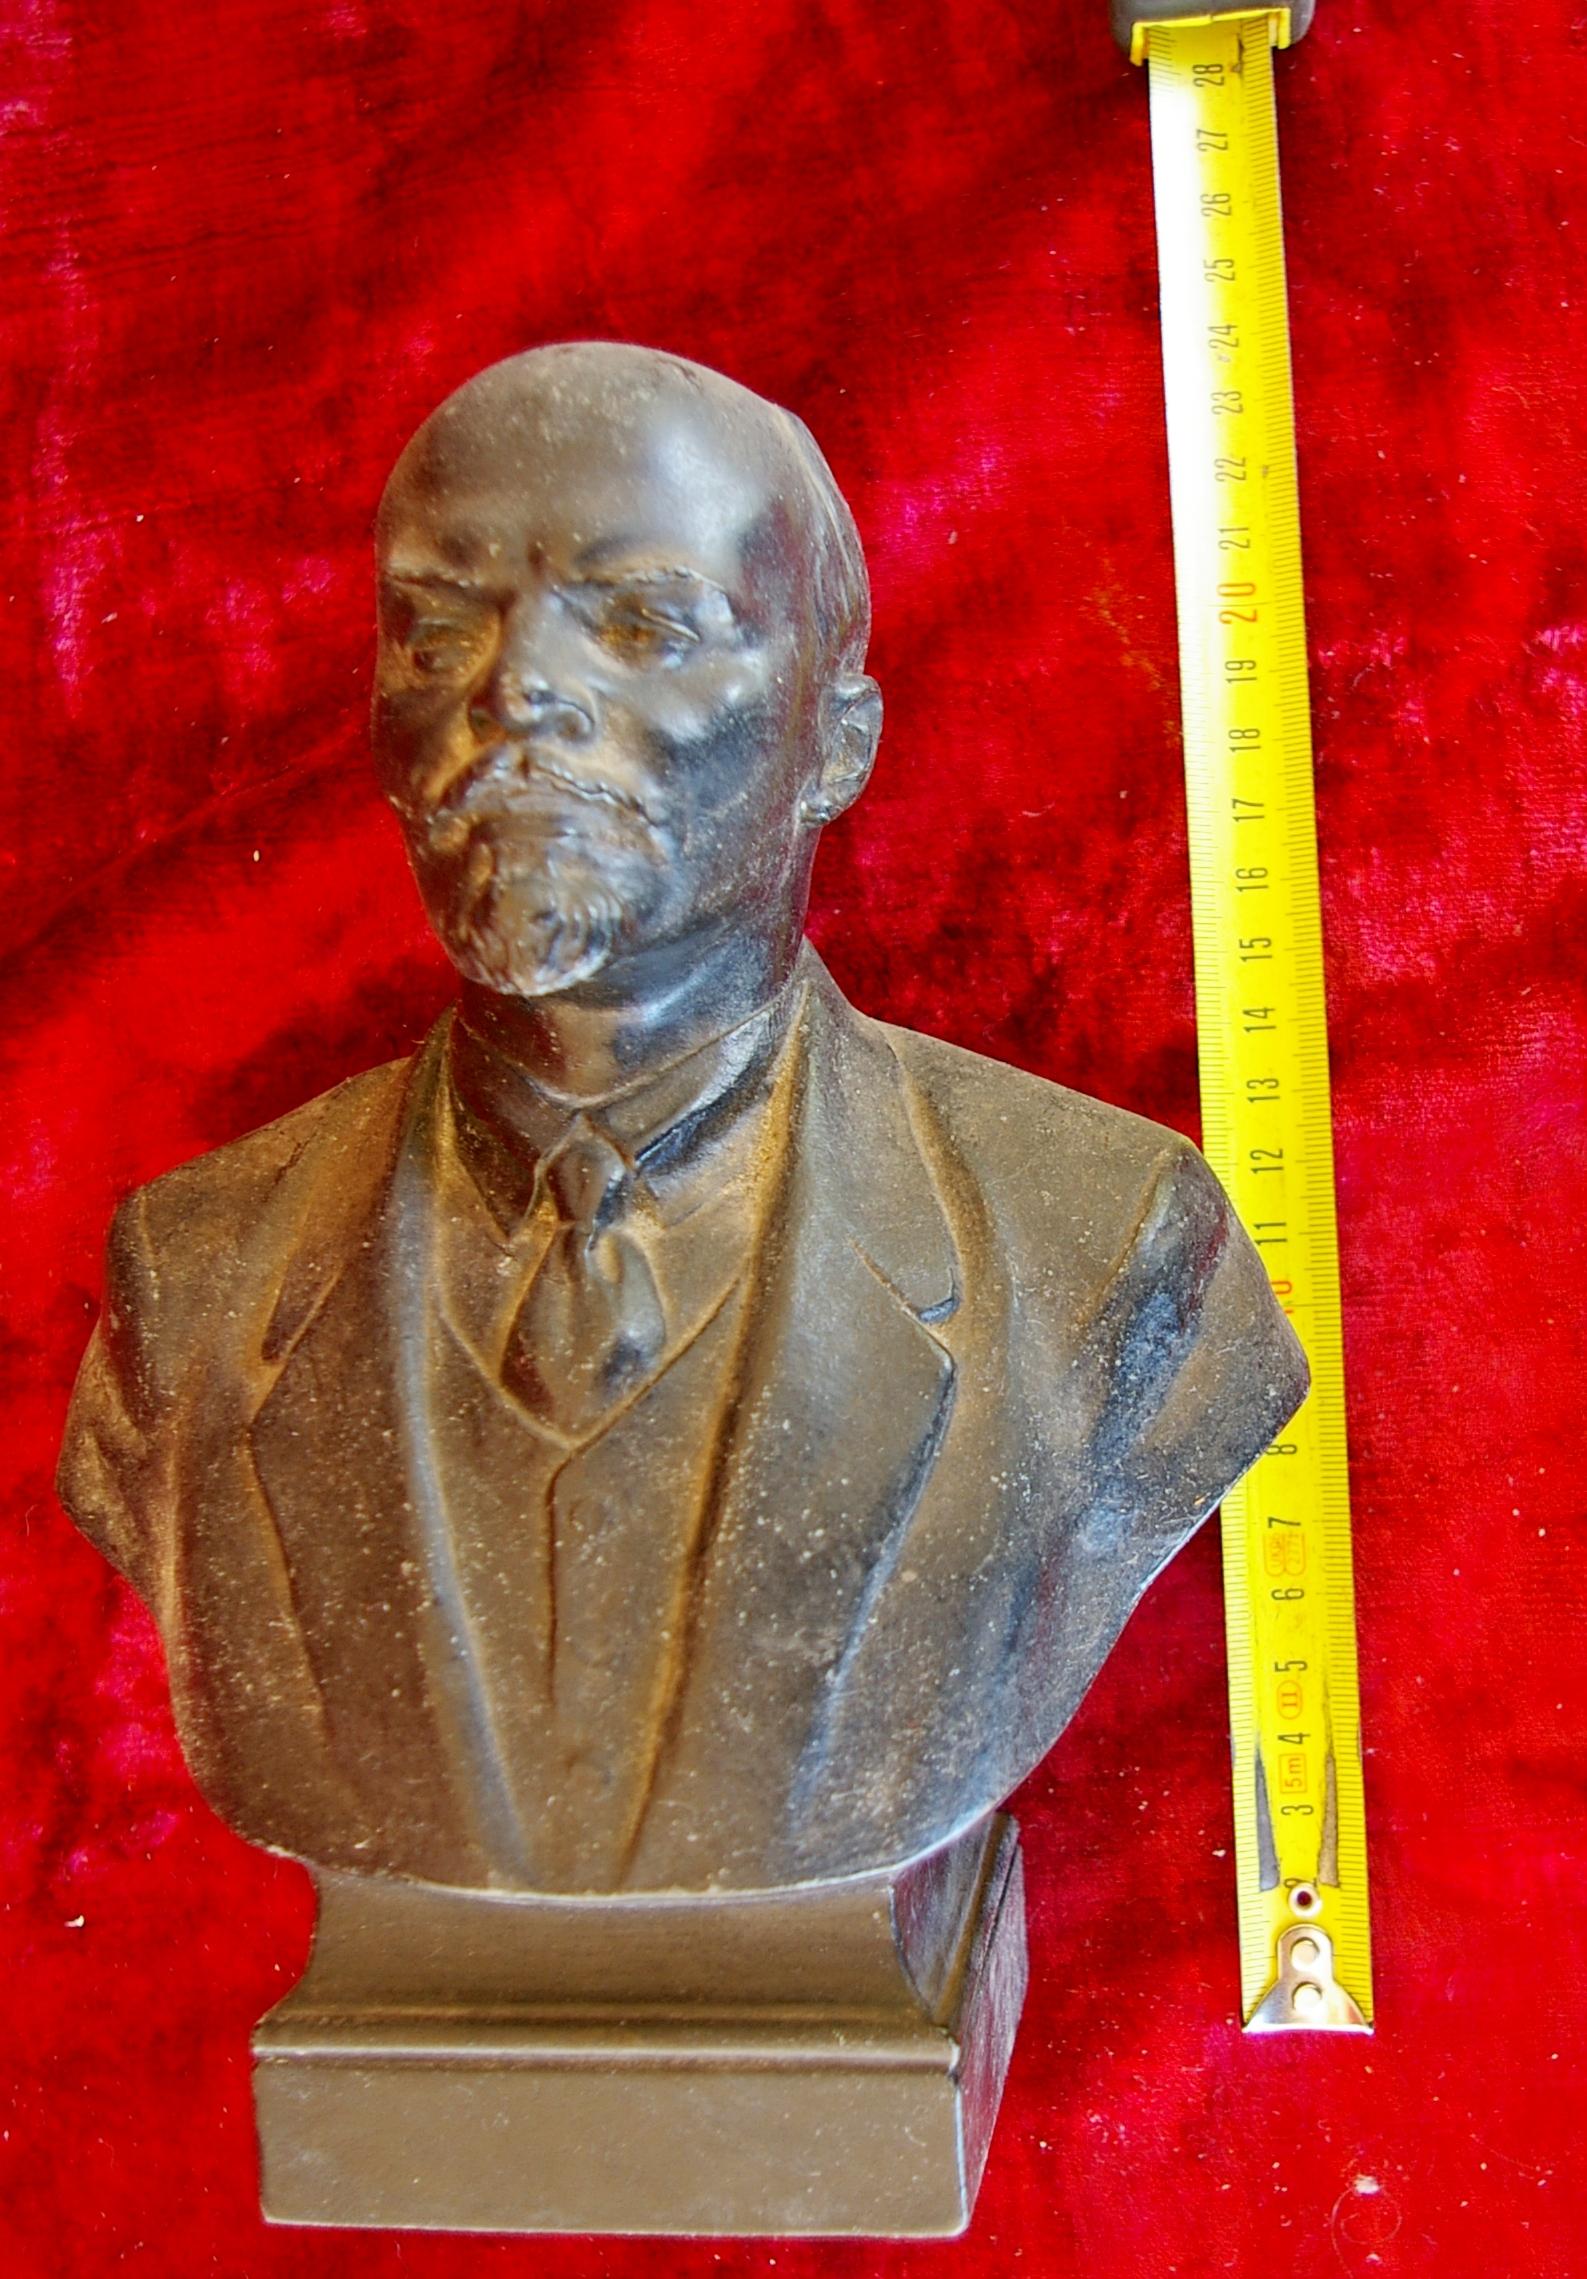 Ленин бюст, материал метал, высота 24 см., ширина 7 см., длина 7 см.  - 7